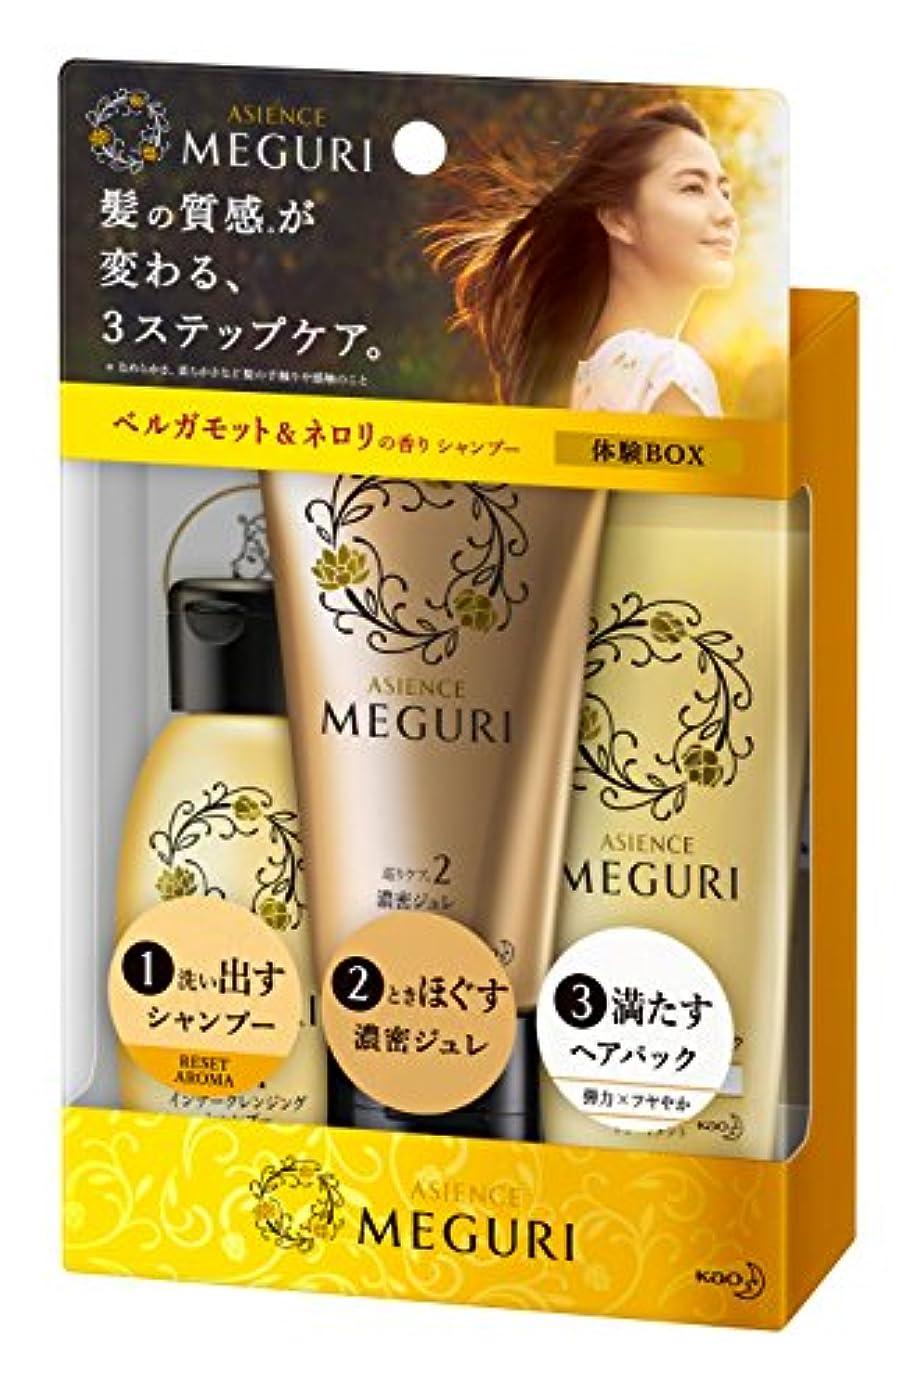 美容師画家粘液【ミニセット】アジエンス MEGURI 体験BOX RESET 145g